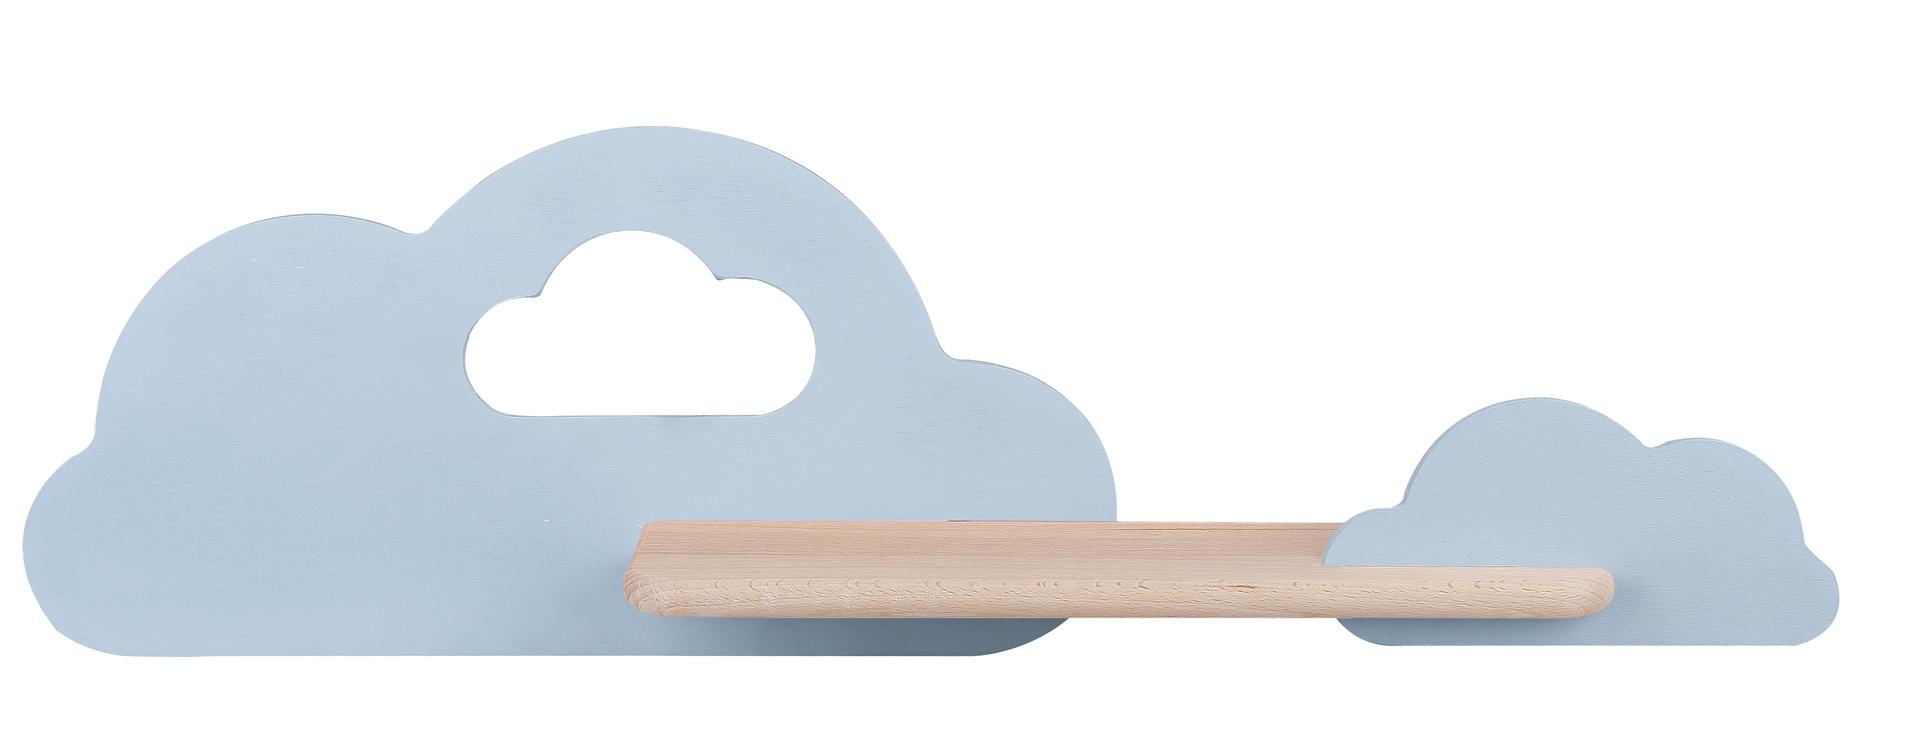 Lampa Cloud Kinkiet Ścienny 5W Led Iq Kids Niebieski